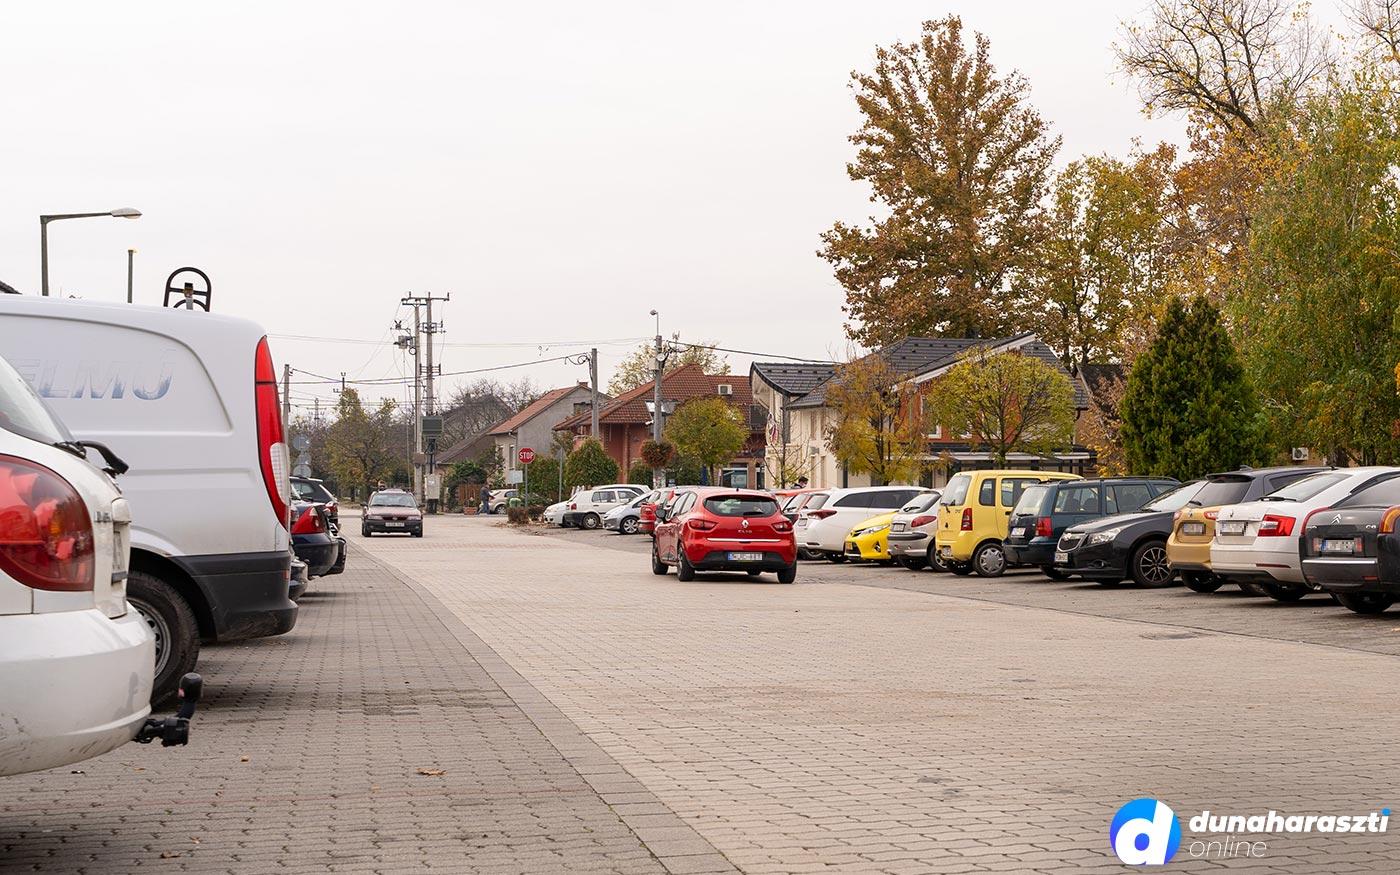 Új parkolási rend Dunaharasztin